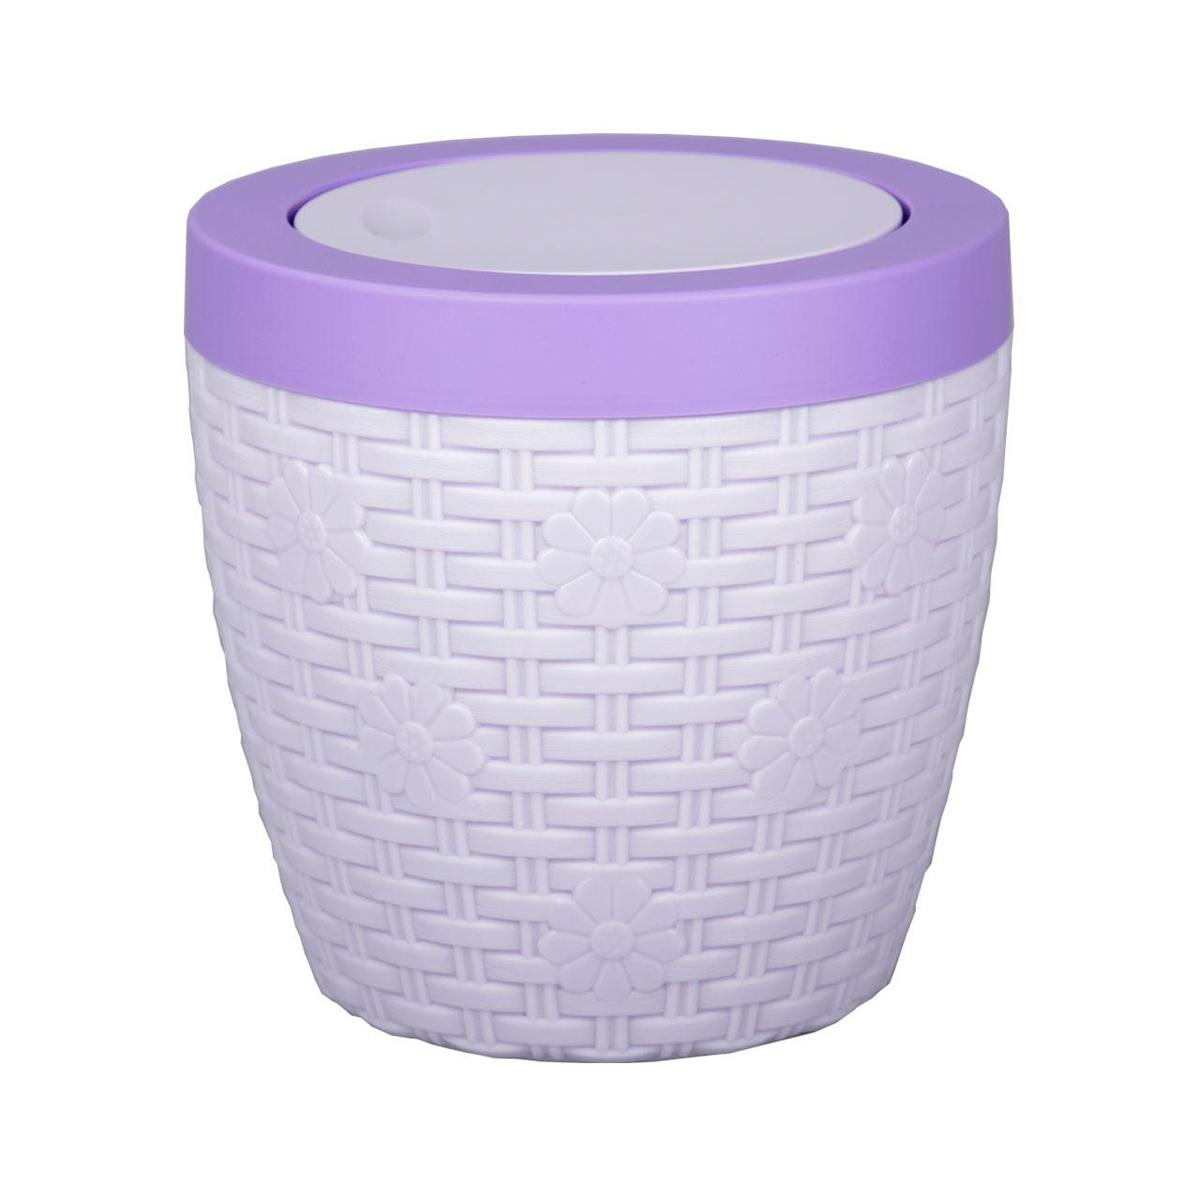 Контейнер для мусора Альтернатива Плетенка, цвет: светло-сиреневый, фиолетовый, 3 лМ2367Контейнер для мусора Альтернатива Плетенка изготовлен из прочного пластика. Внешние стенки оформлены оригинальным плетением. Такой аксессуар очень удобен в использовании, как дома, так и в офисе. Контейнер снабжен удобной поворачивающейся крышкой. Стильный дизайн сделает его прекрасным украшением интерьера.